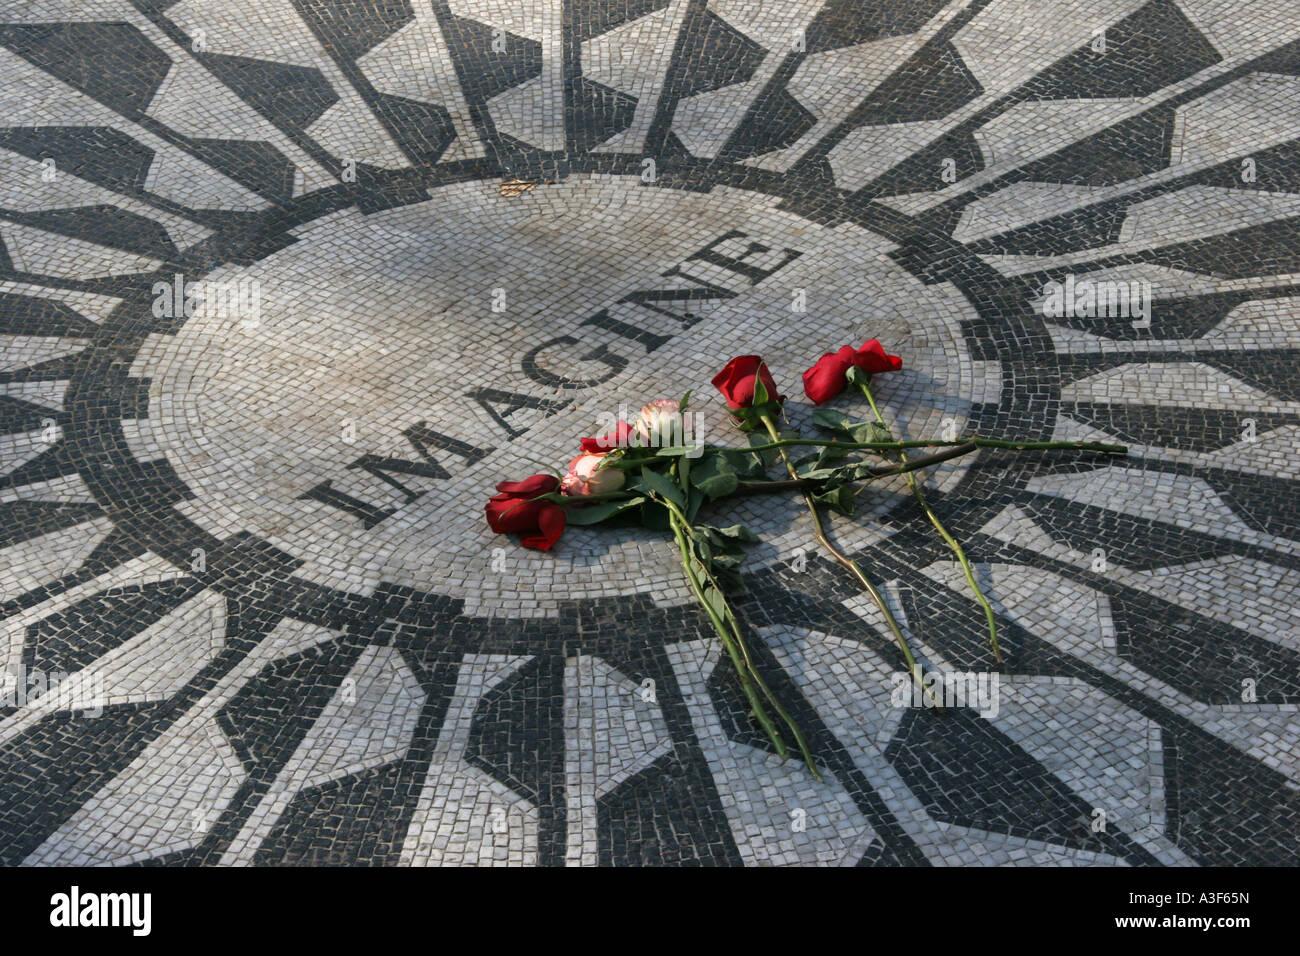 John Lennon Imagine Memorial Central Park Upper West Side New York Stock Photo Alamy